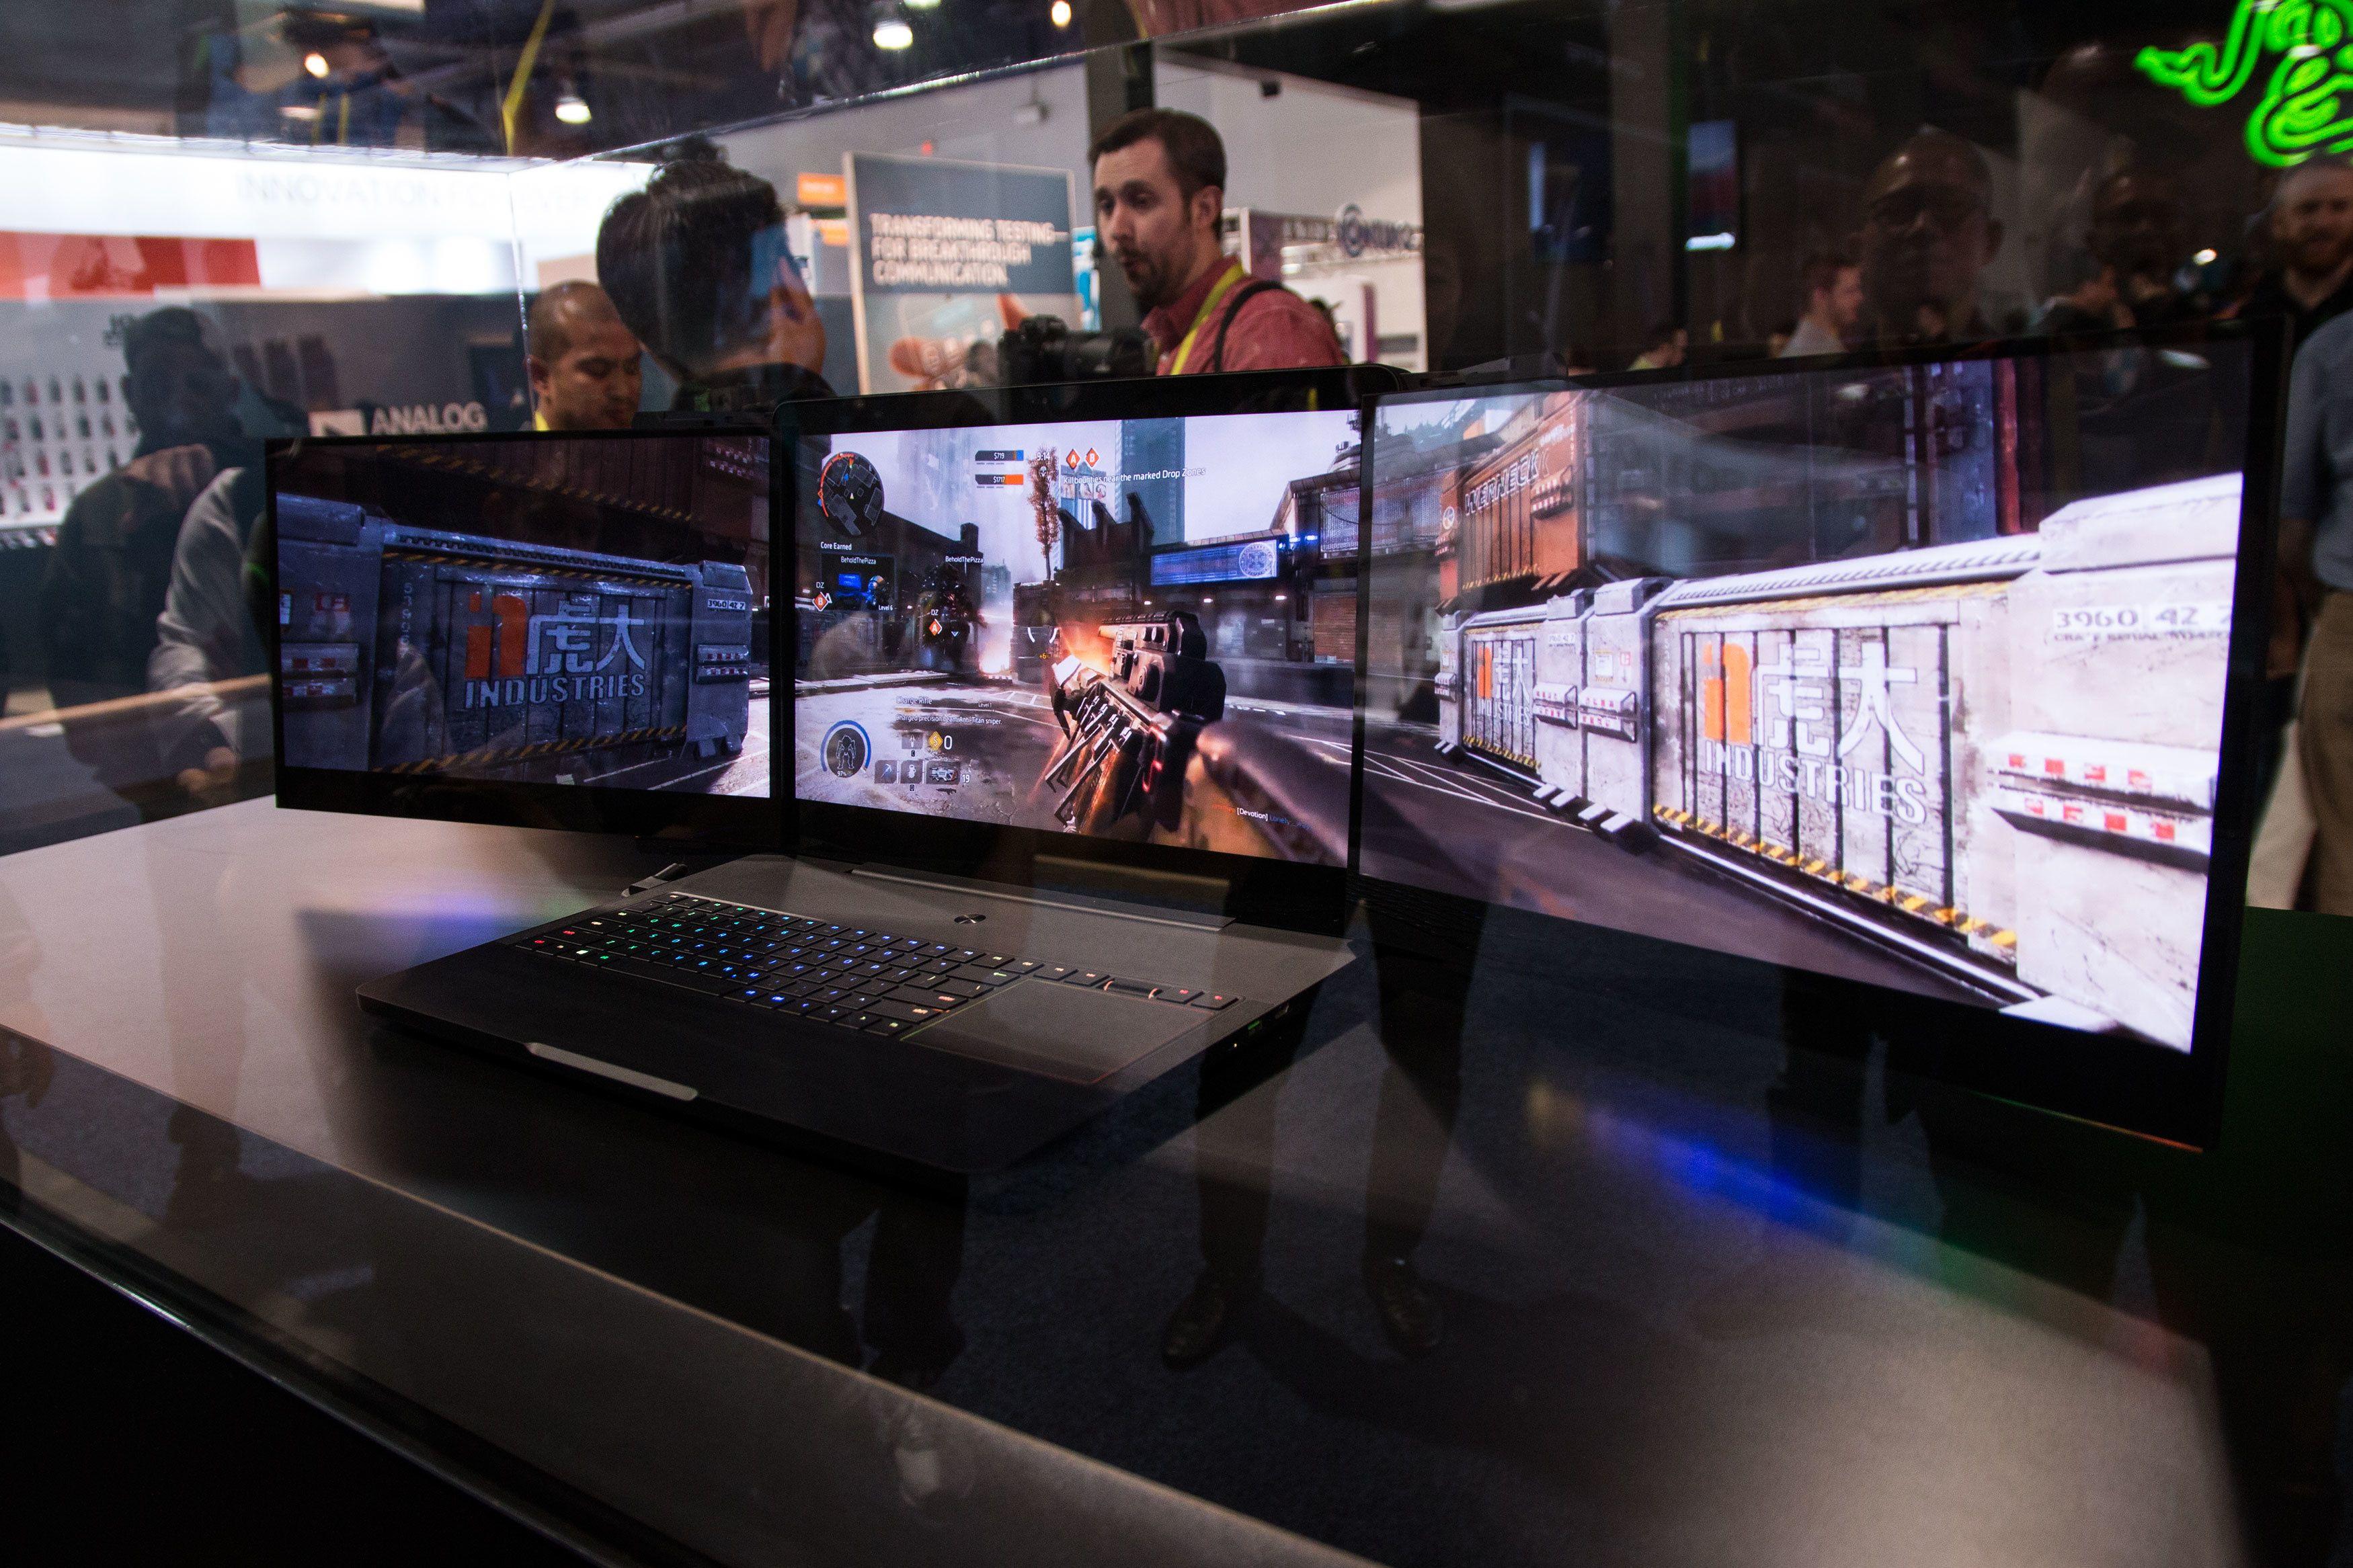 Spillbærbare blir stadig kraftigere og bedre, takket være Intels nye prosessorer og nye skjermteknologier.